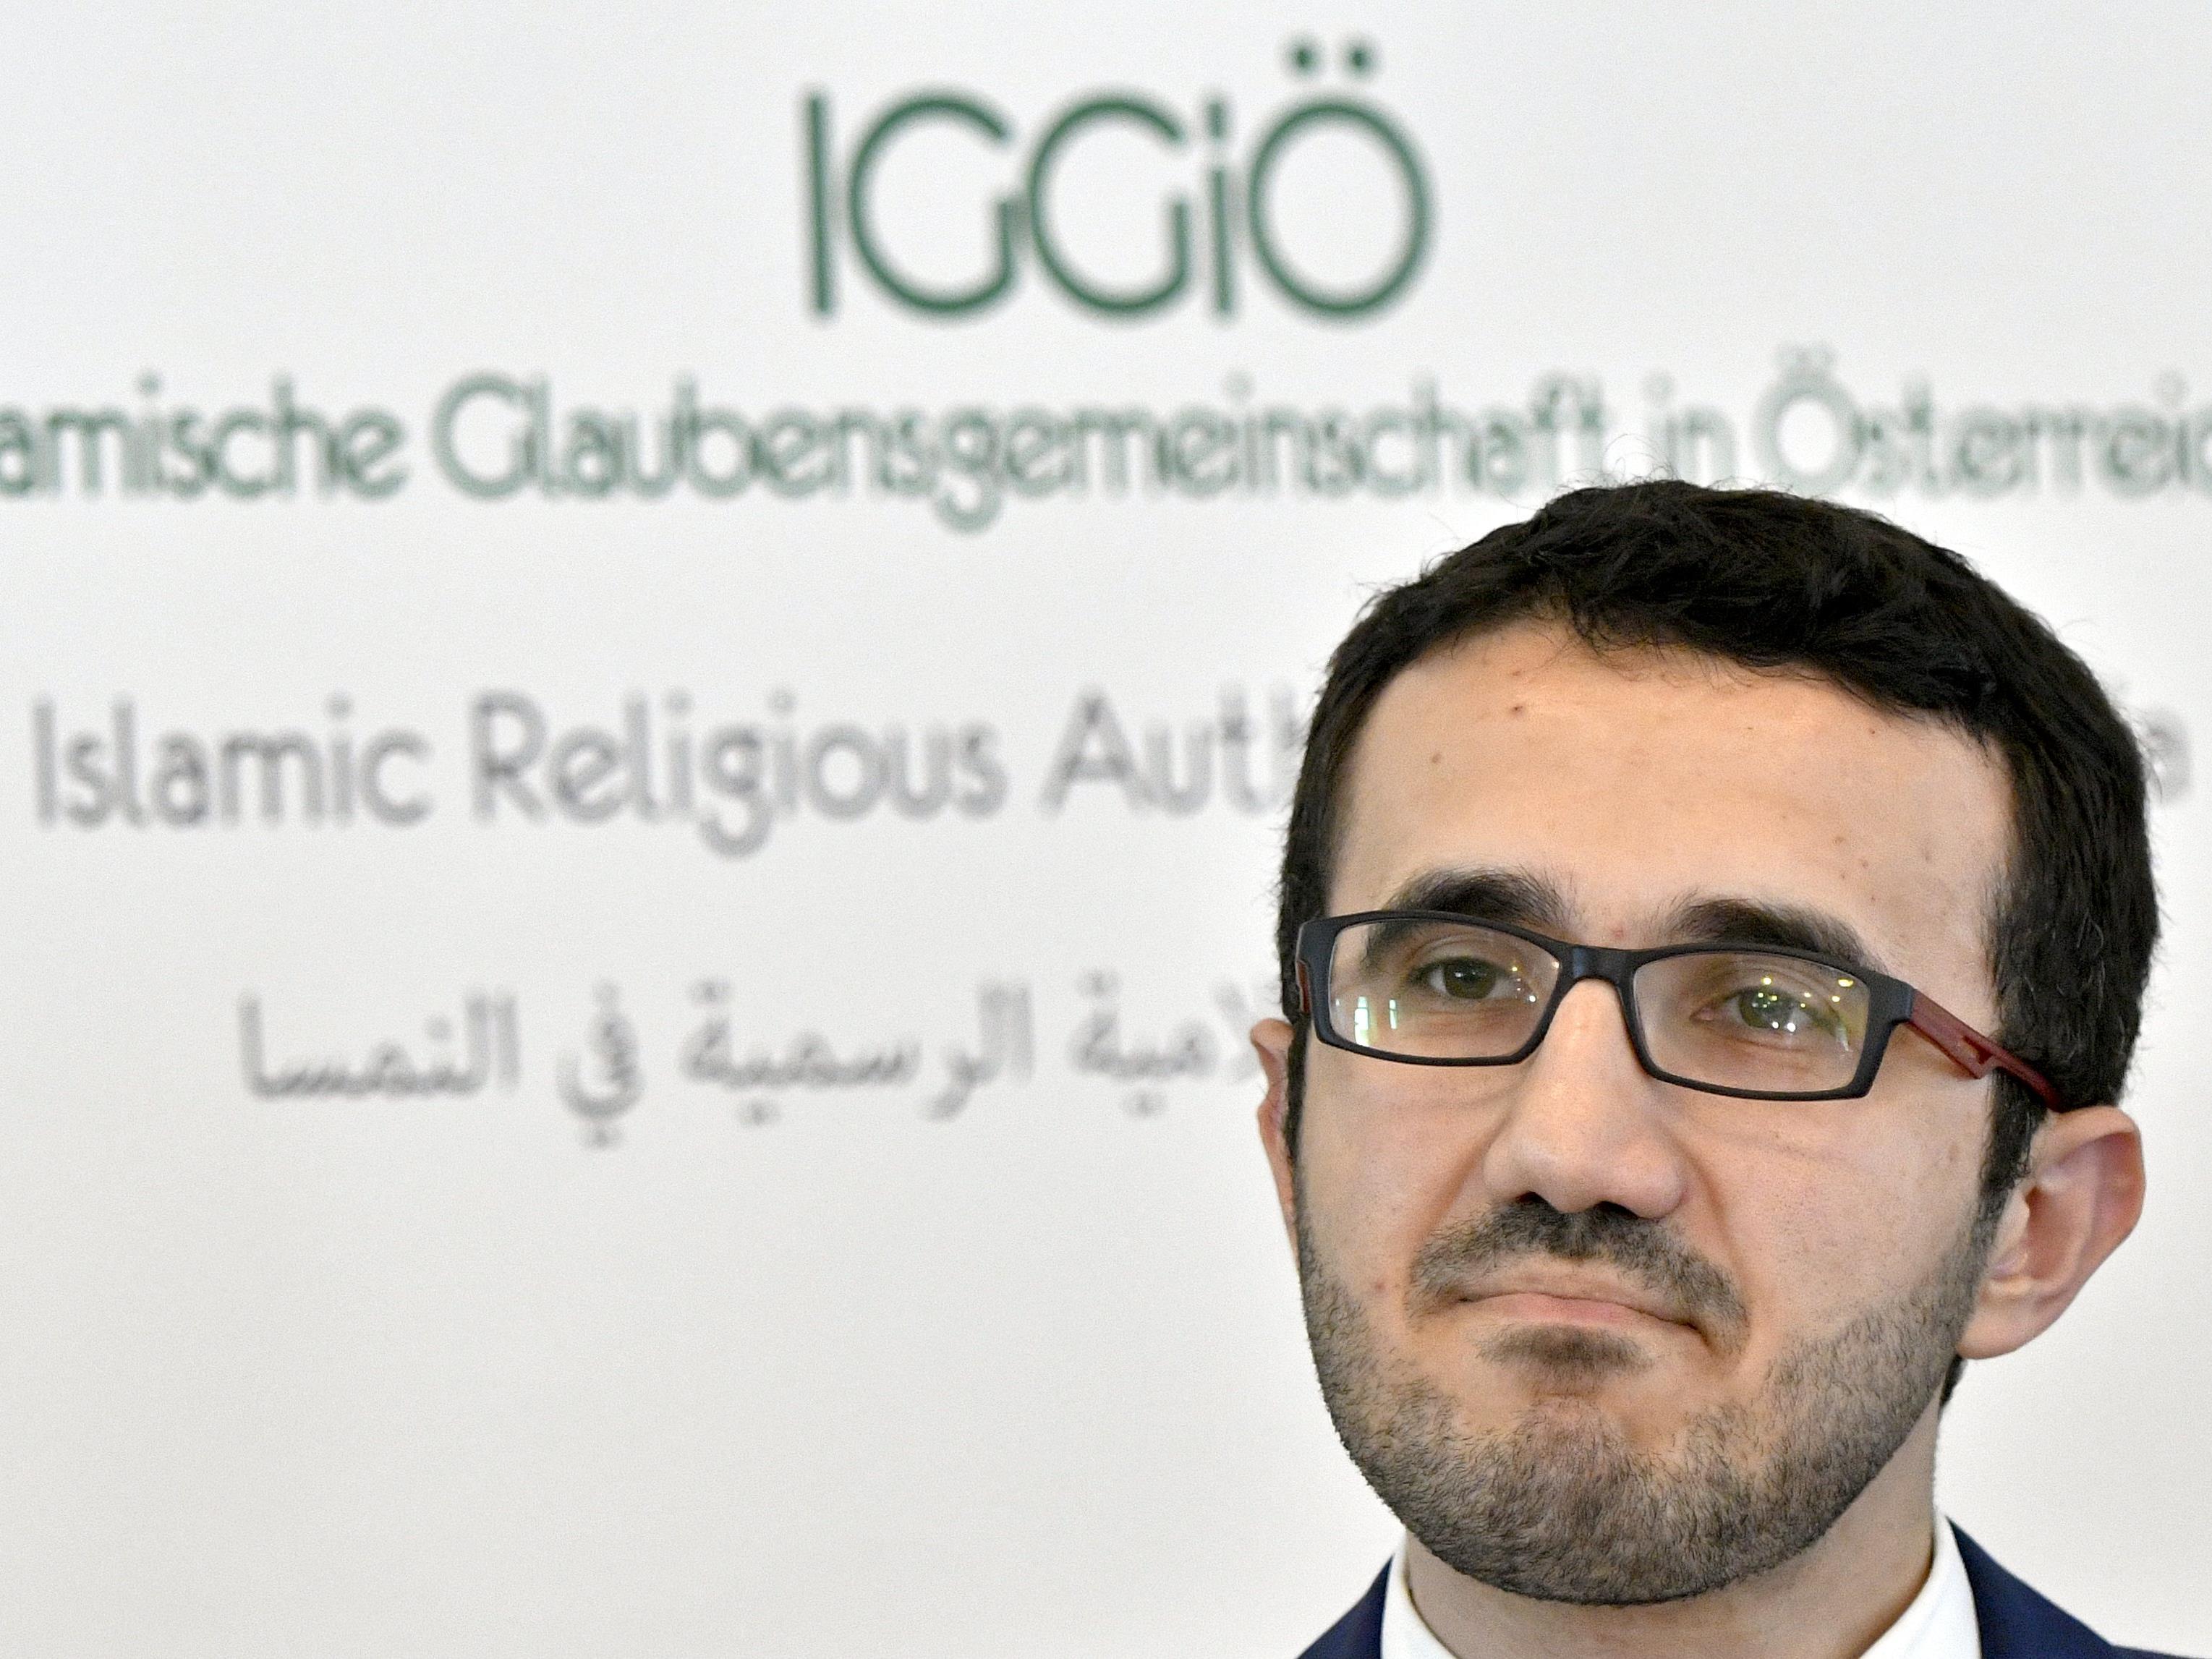 Ibrahim Olgun, Präsident der Islamischen Glaubensgemeinschaft in Österreich, erläuterte auf einer Pressekonferenz die Zukunftspläne der IGGiÖ.